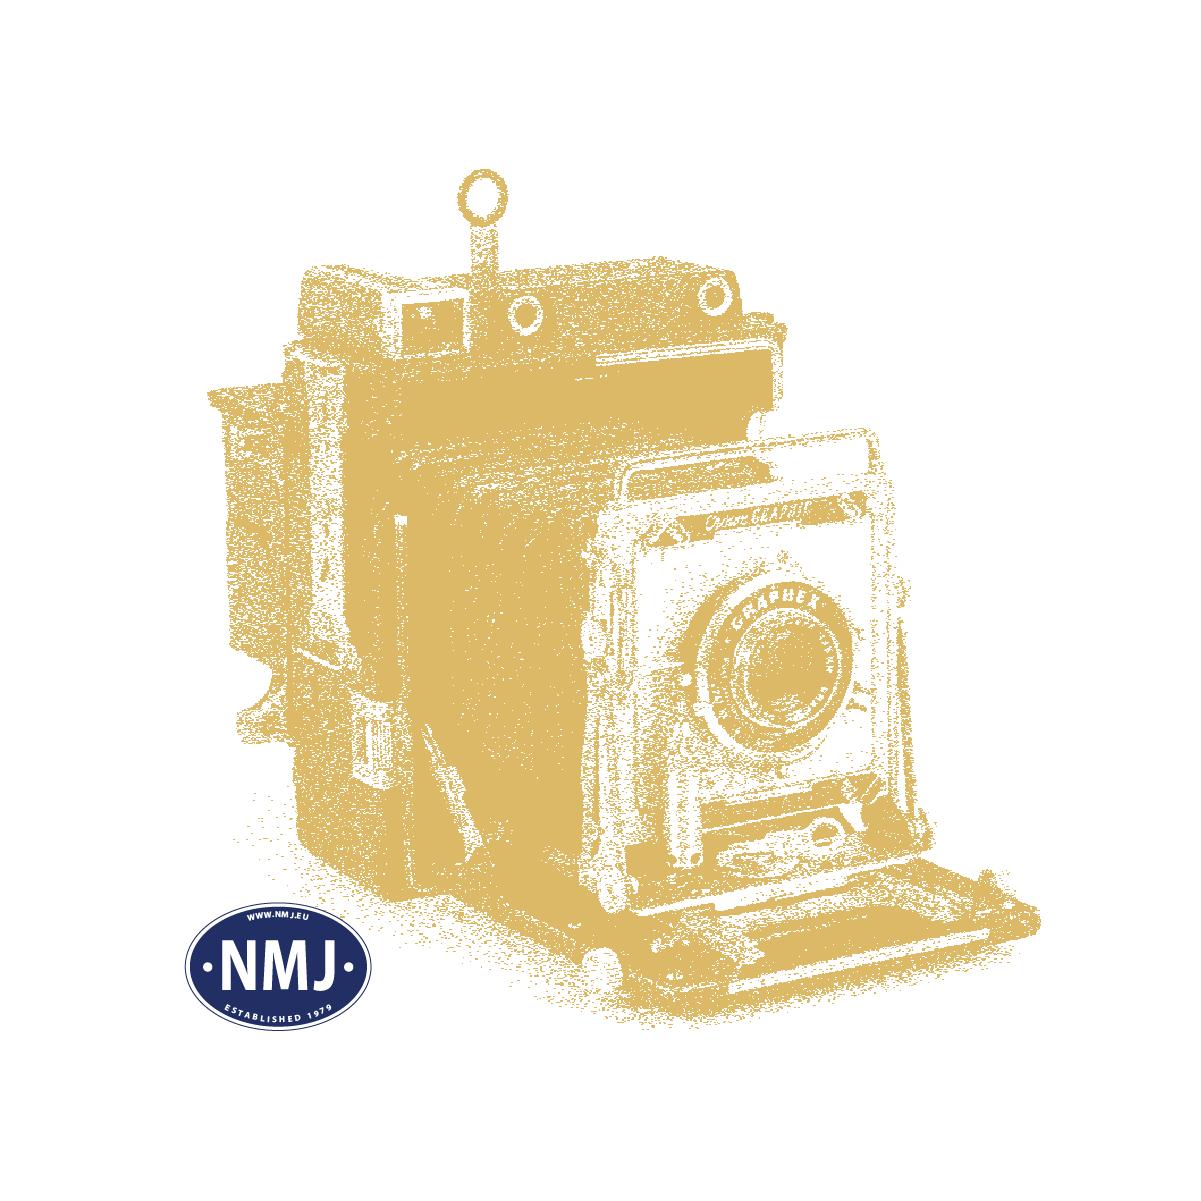 MIN727-32S - Gresstuster, Lang utgave, Sommer